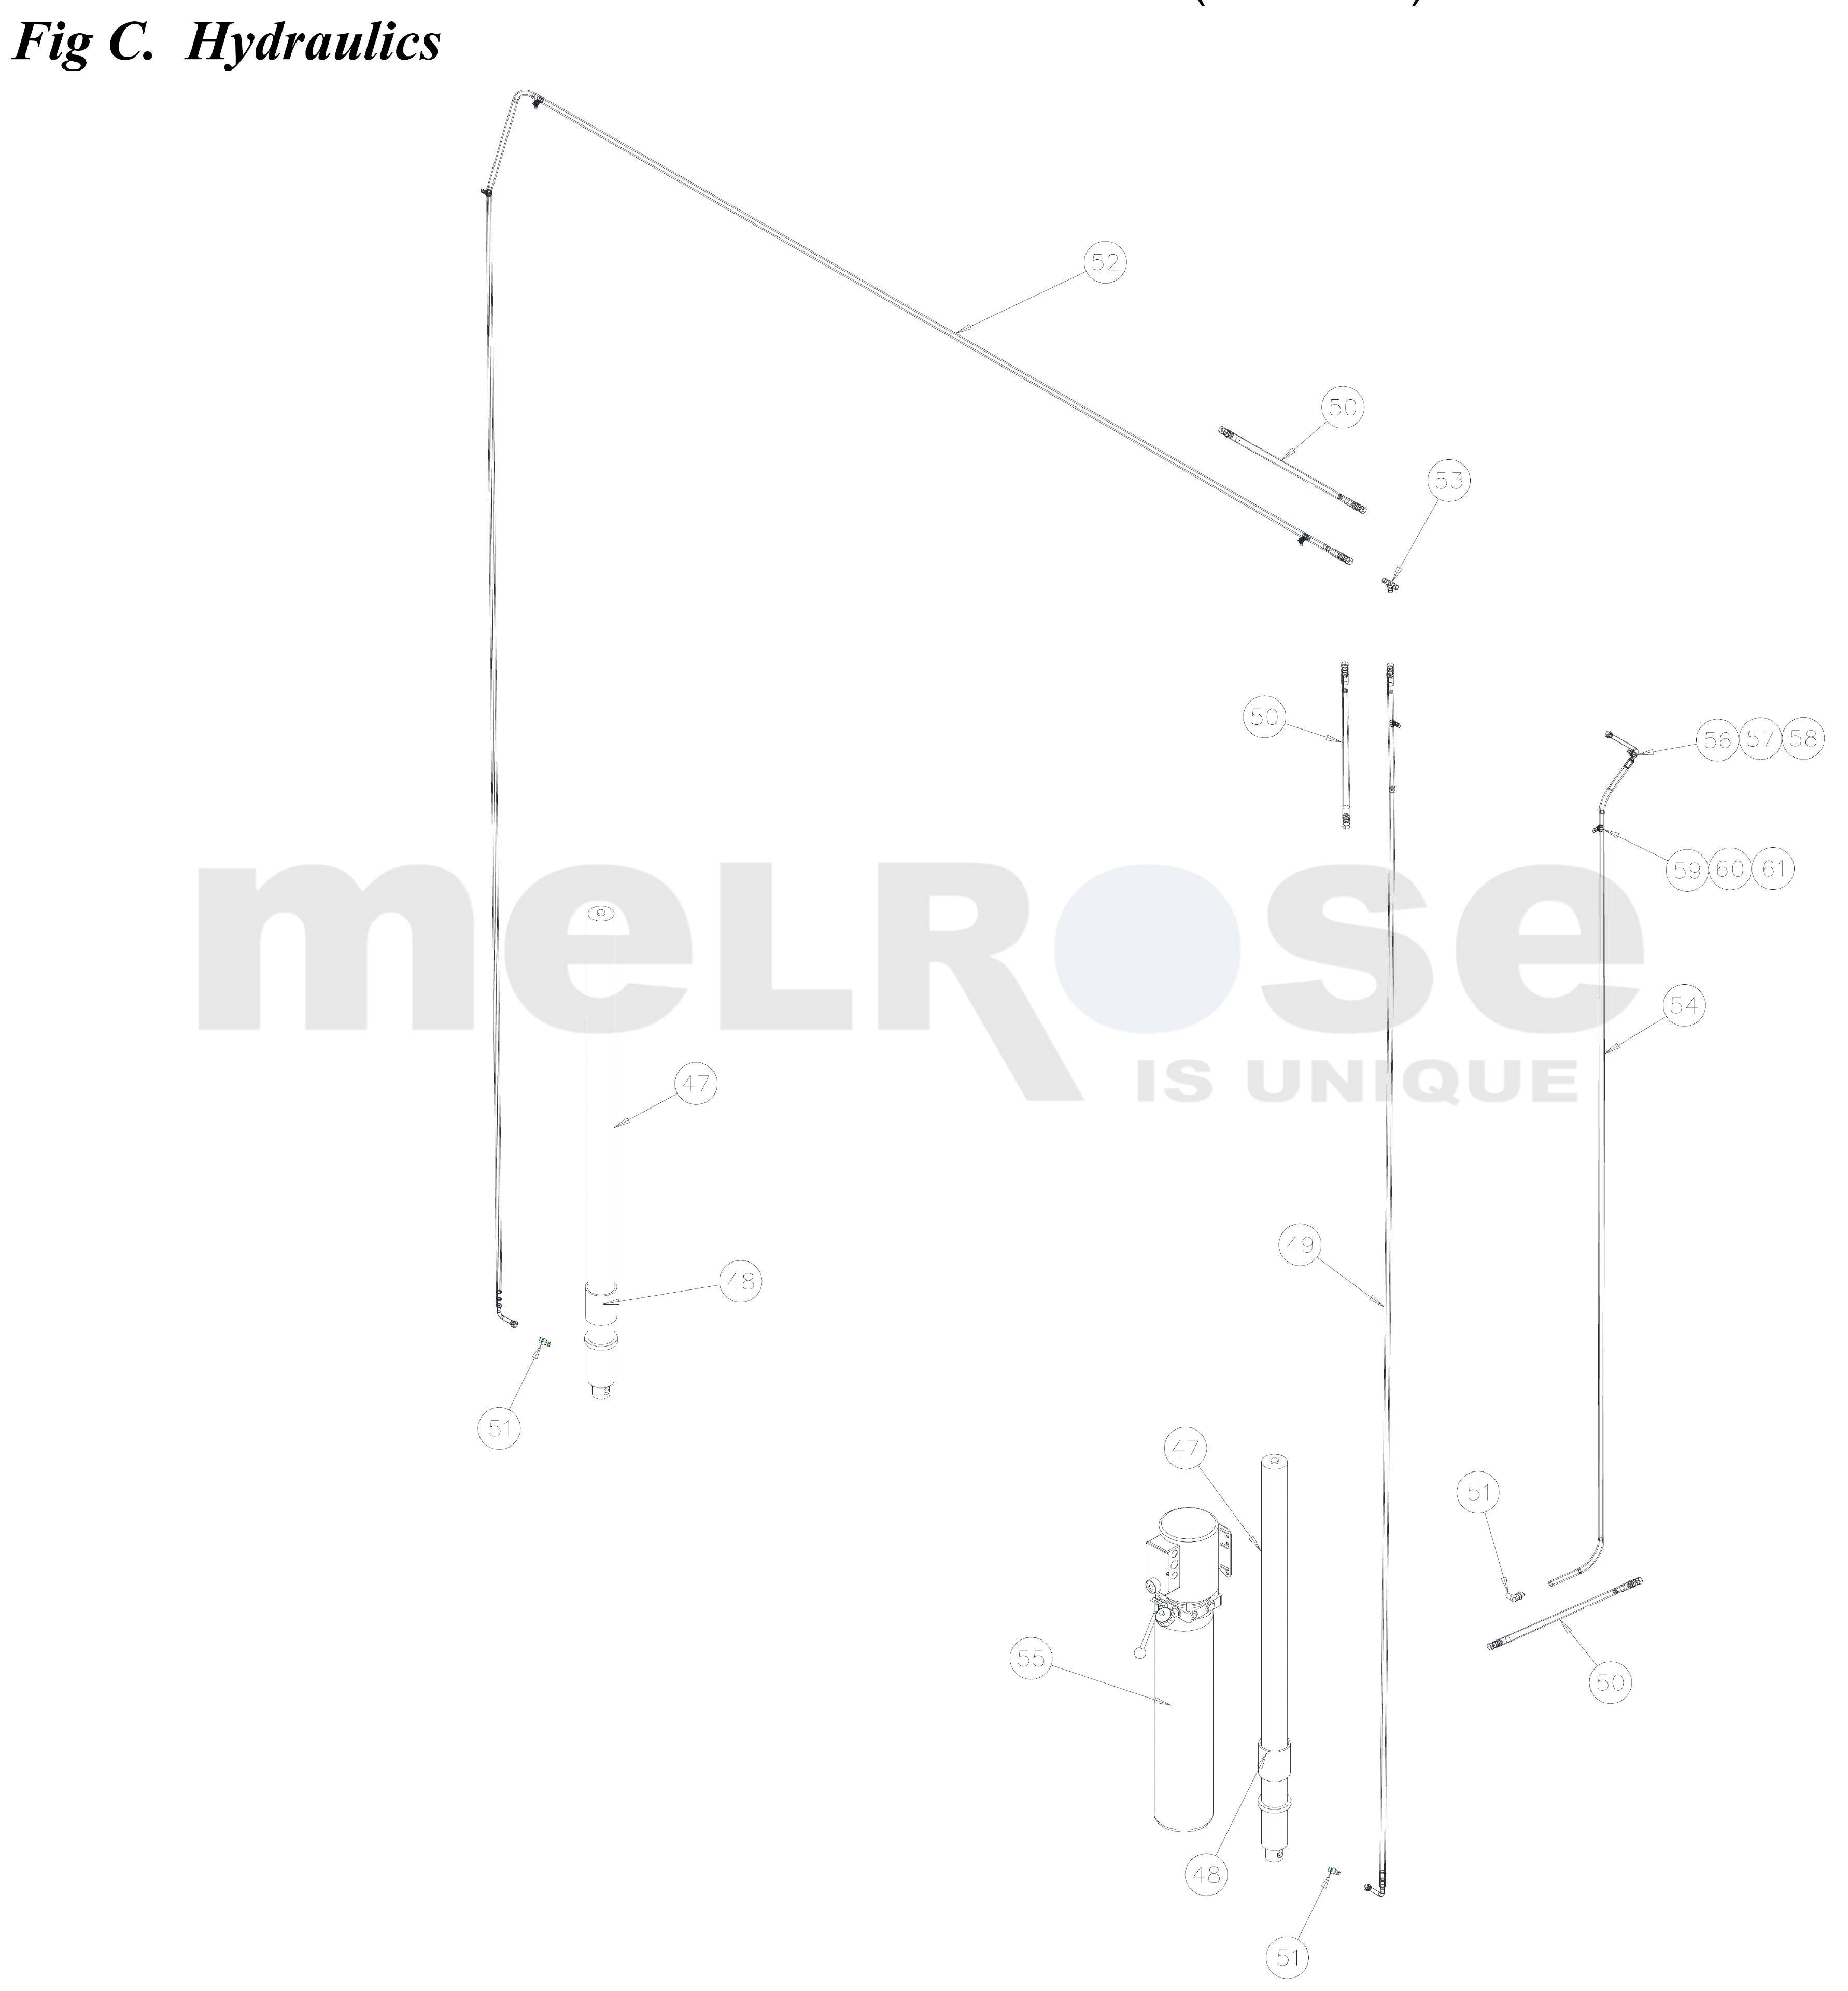 15000-fig-c.-hydraulics-wm-1-.jpg